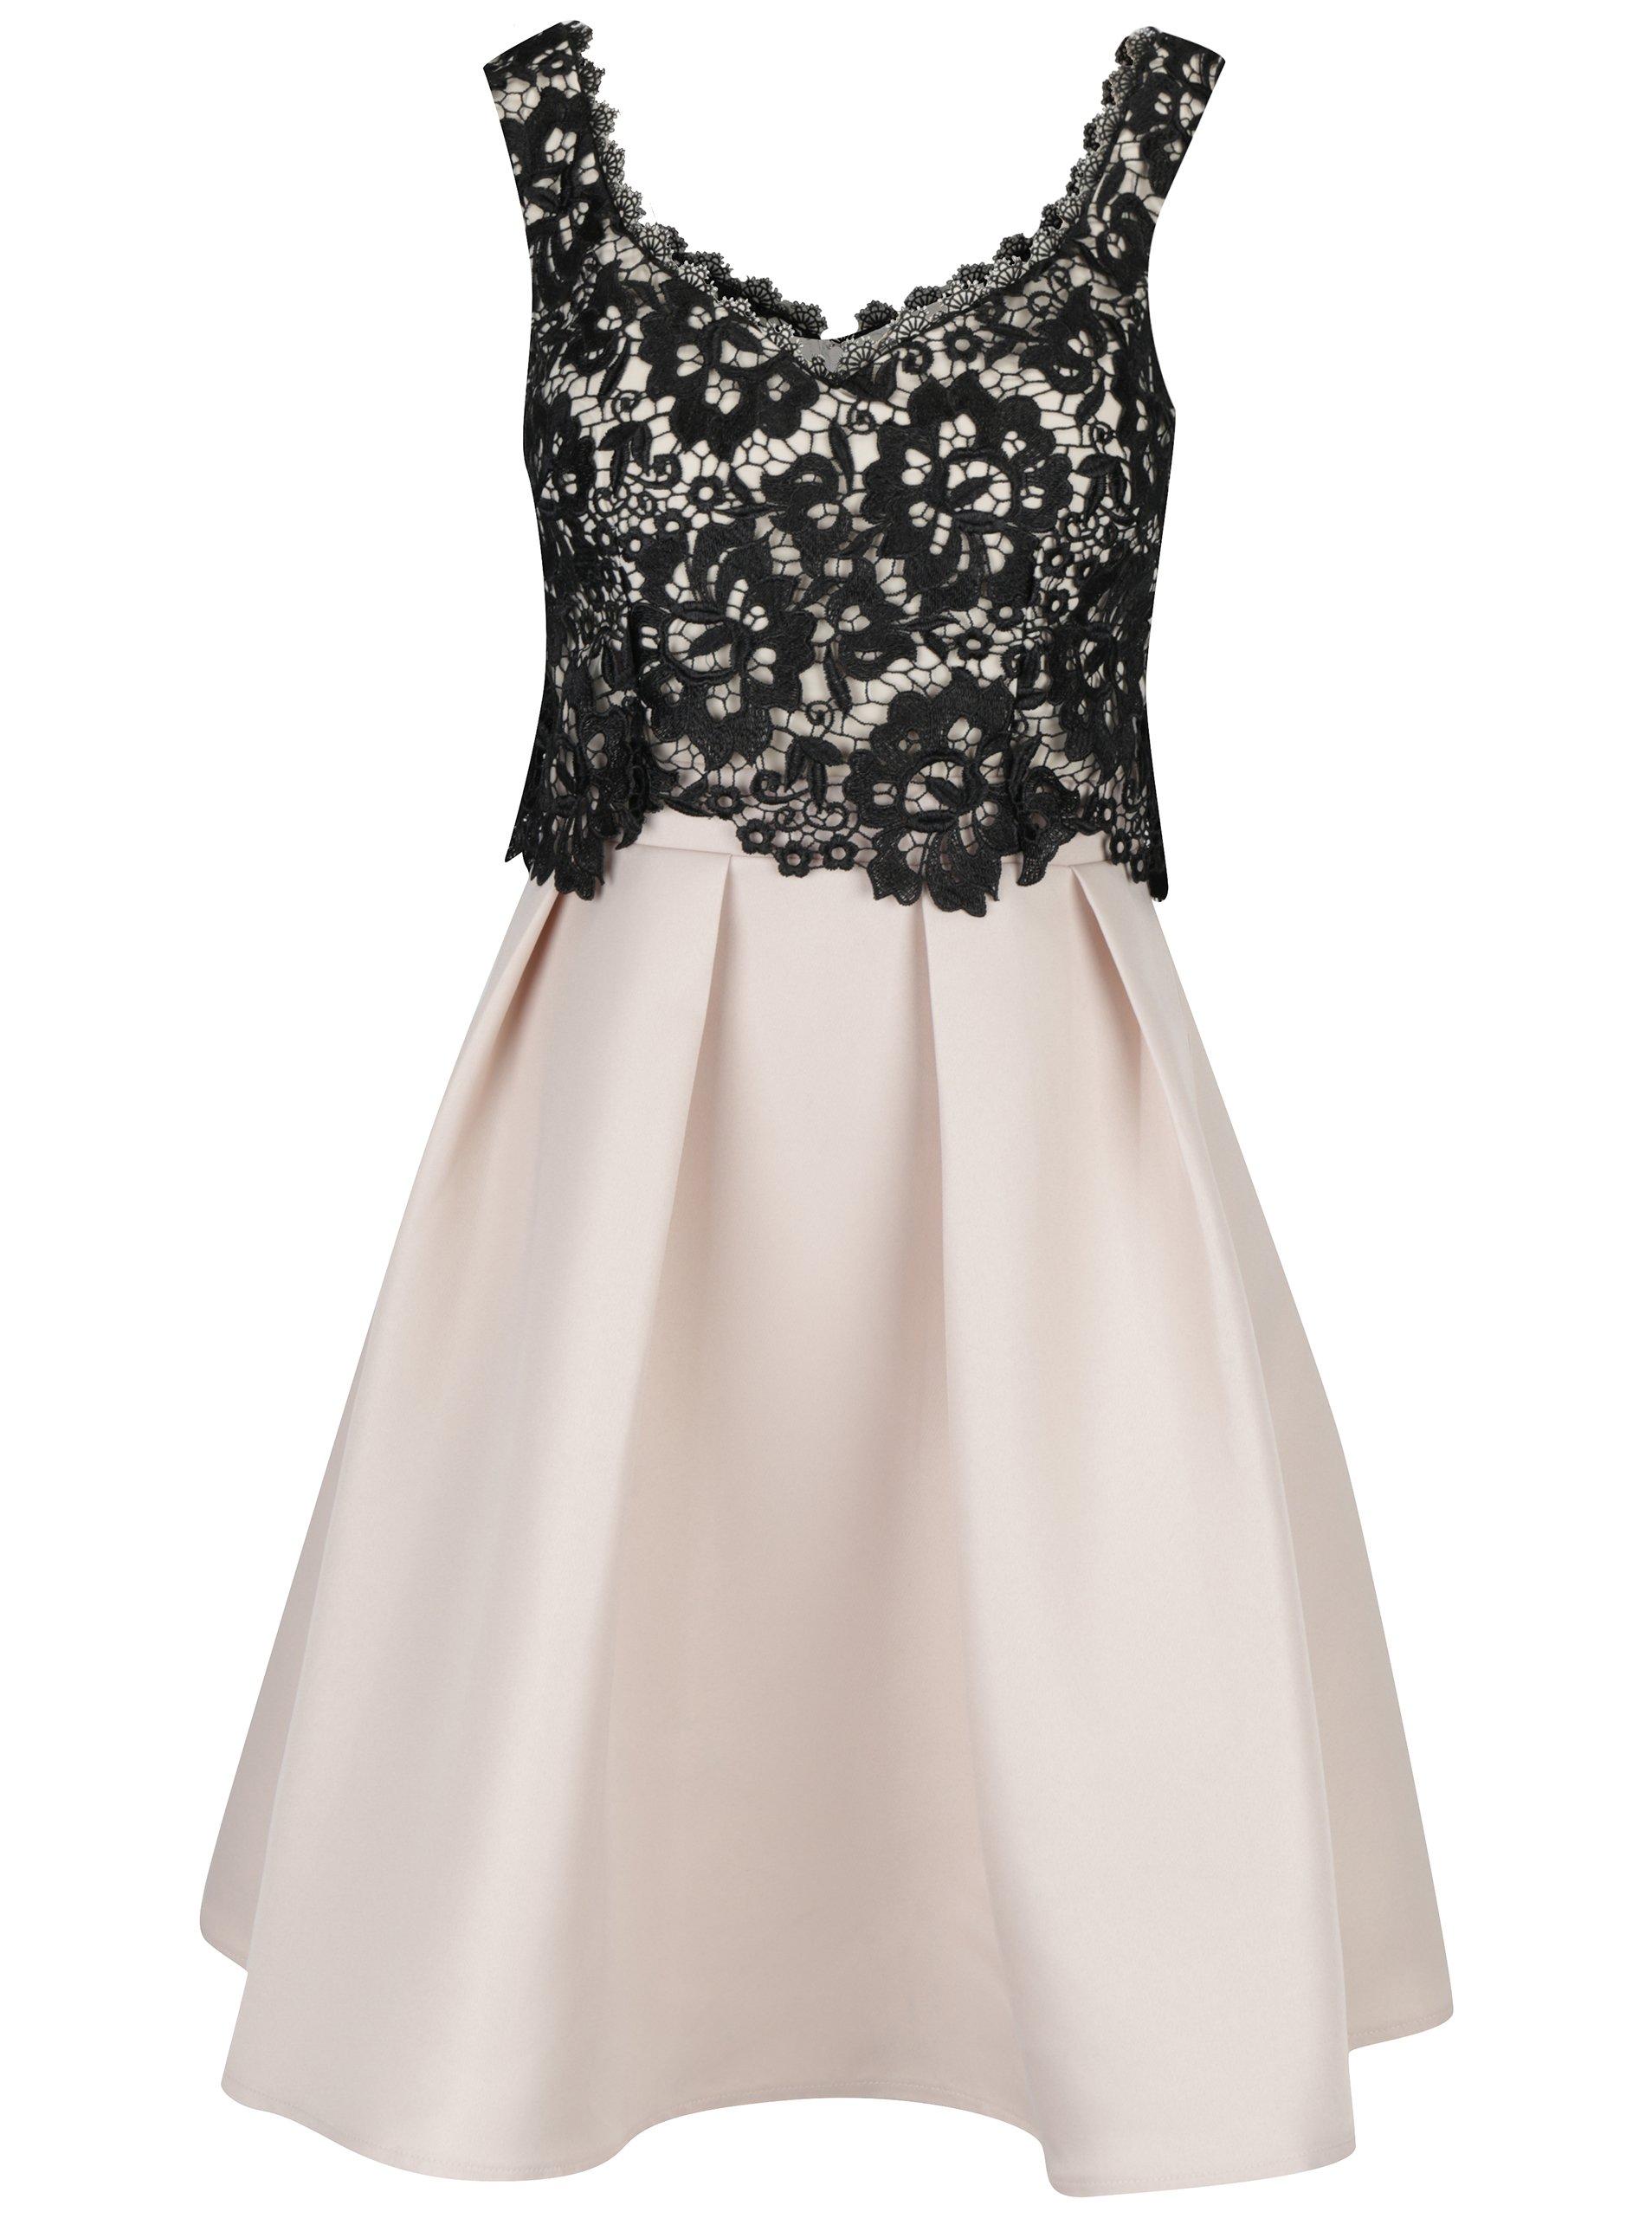 e1550e61d763 Béžovo-čierne šaty s čipkovaným topom Little Mistress